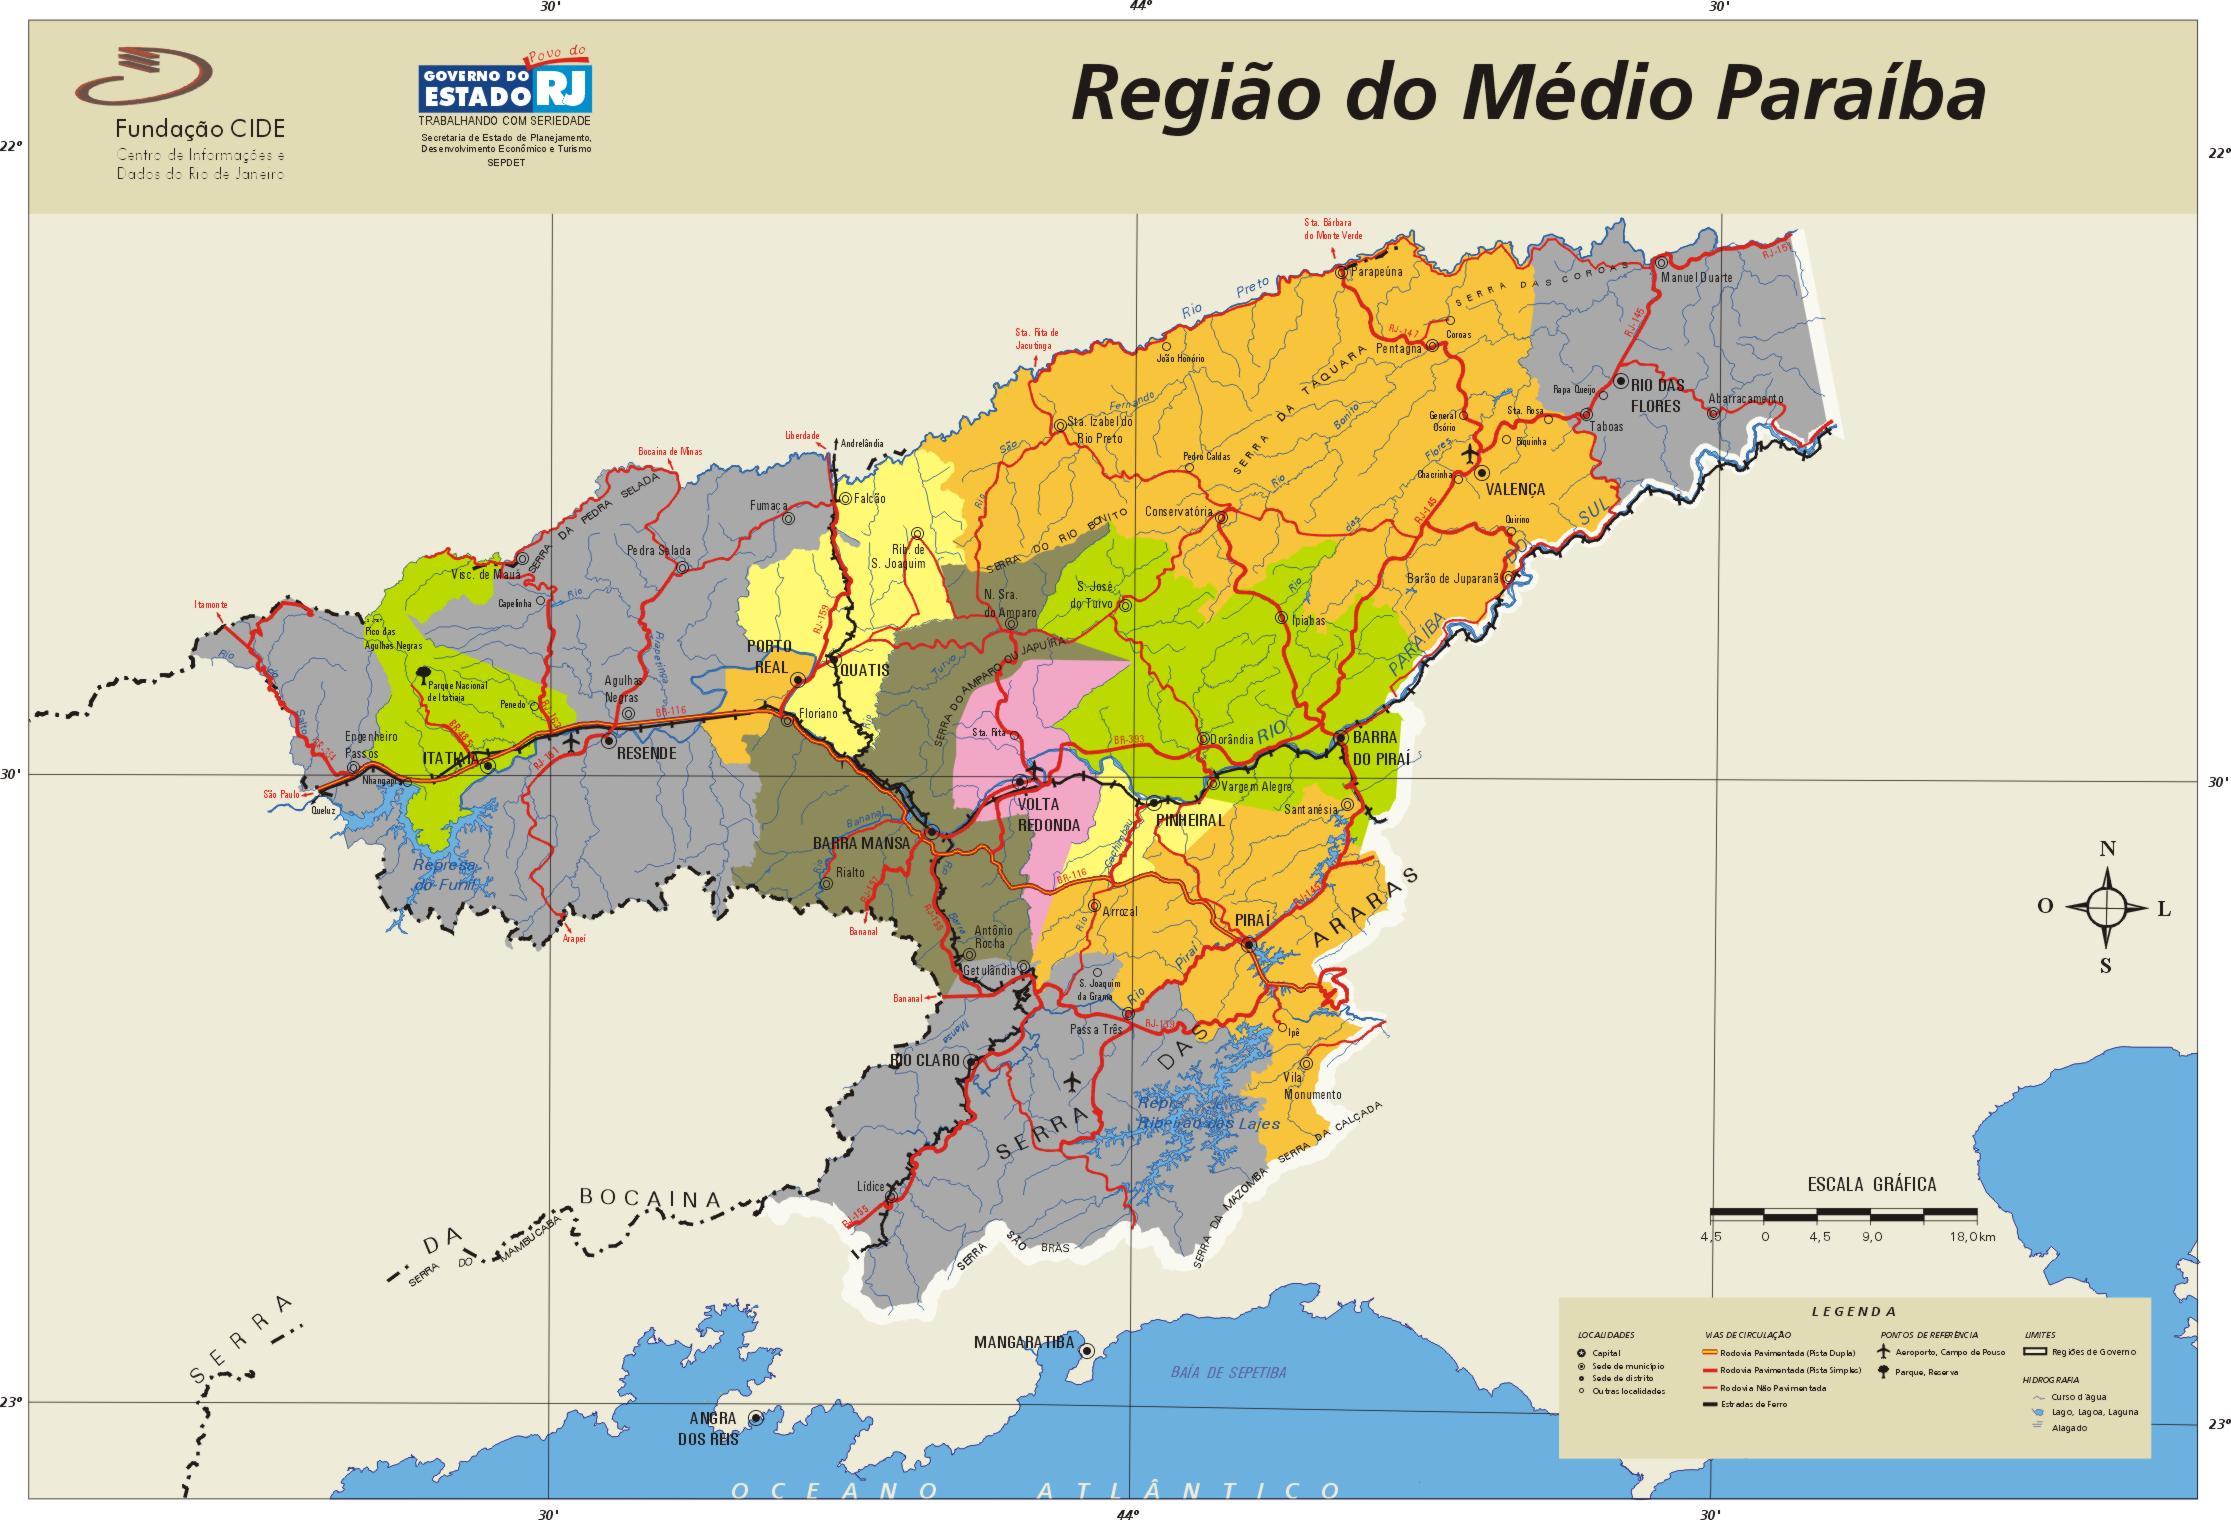 Médio Paraíba Region Map, Rio de Janeiro State, Brazil